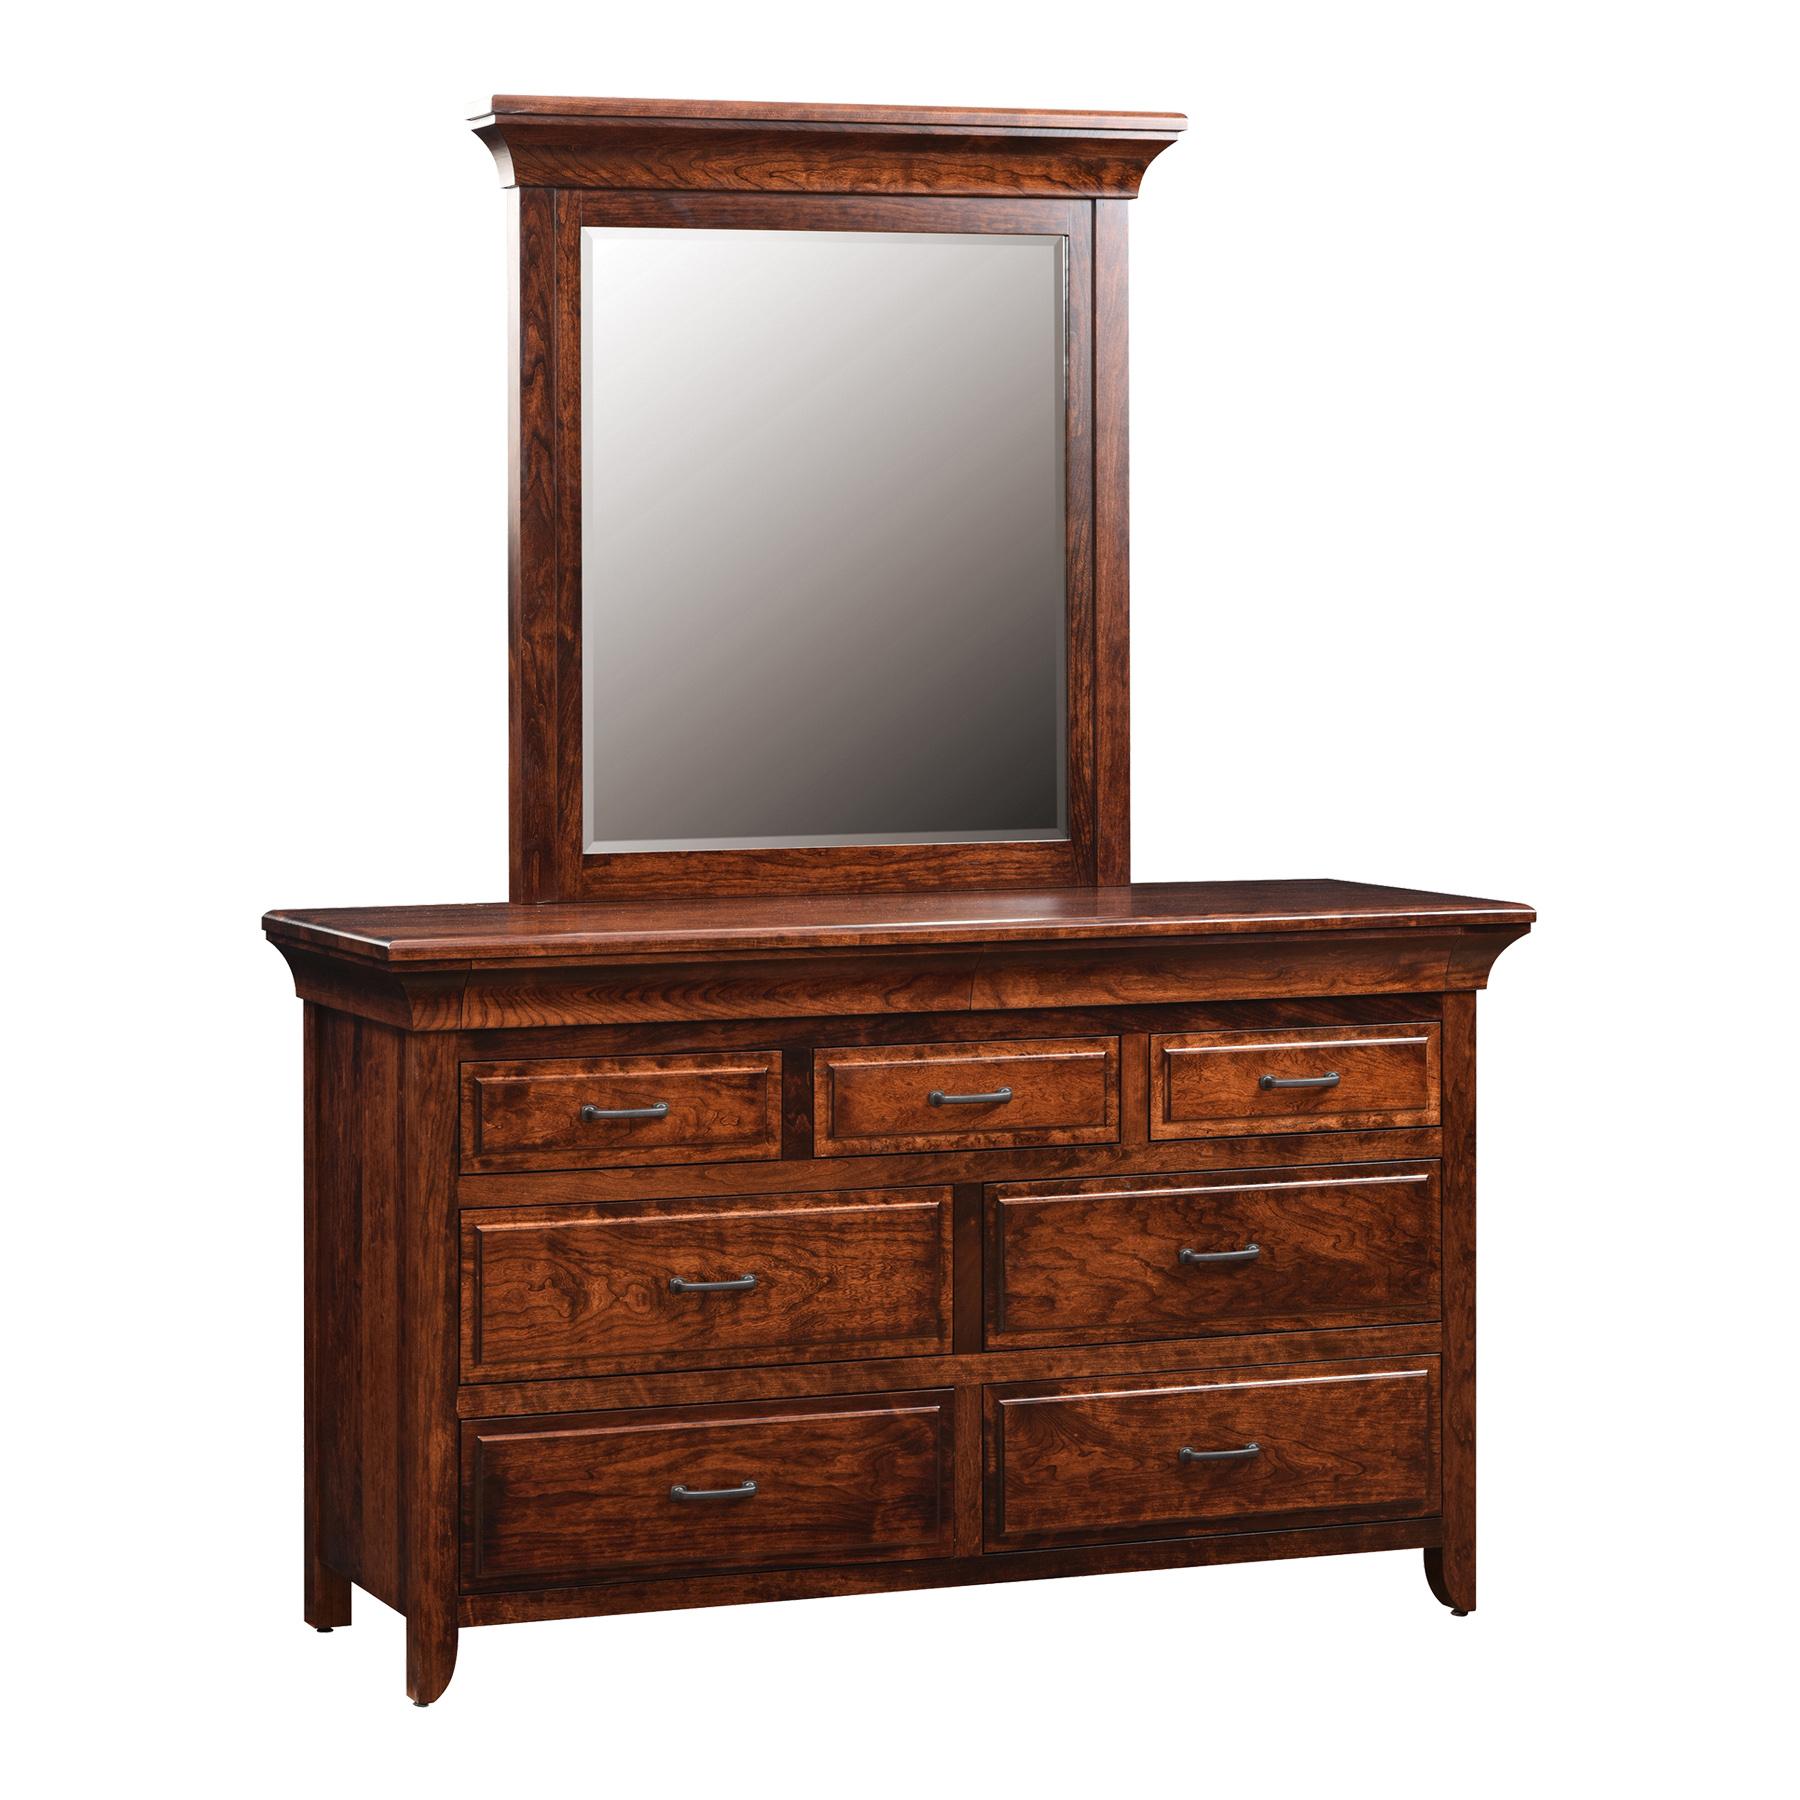 Low Dresser with Center Mirror